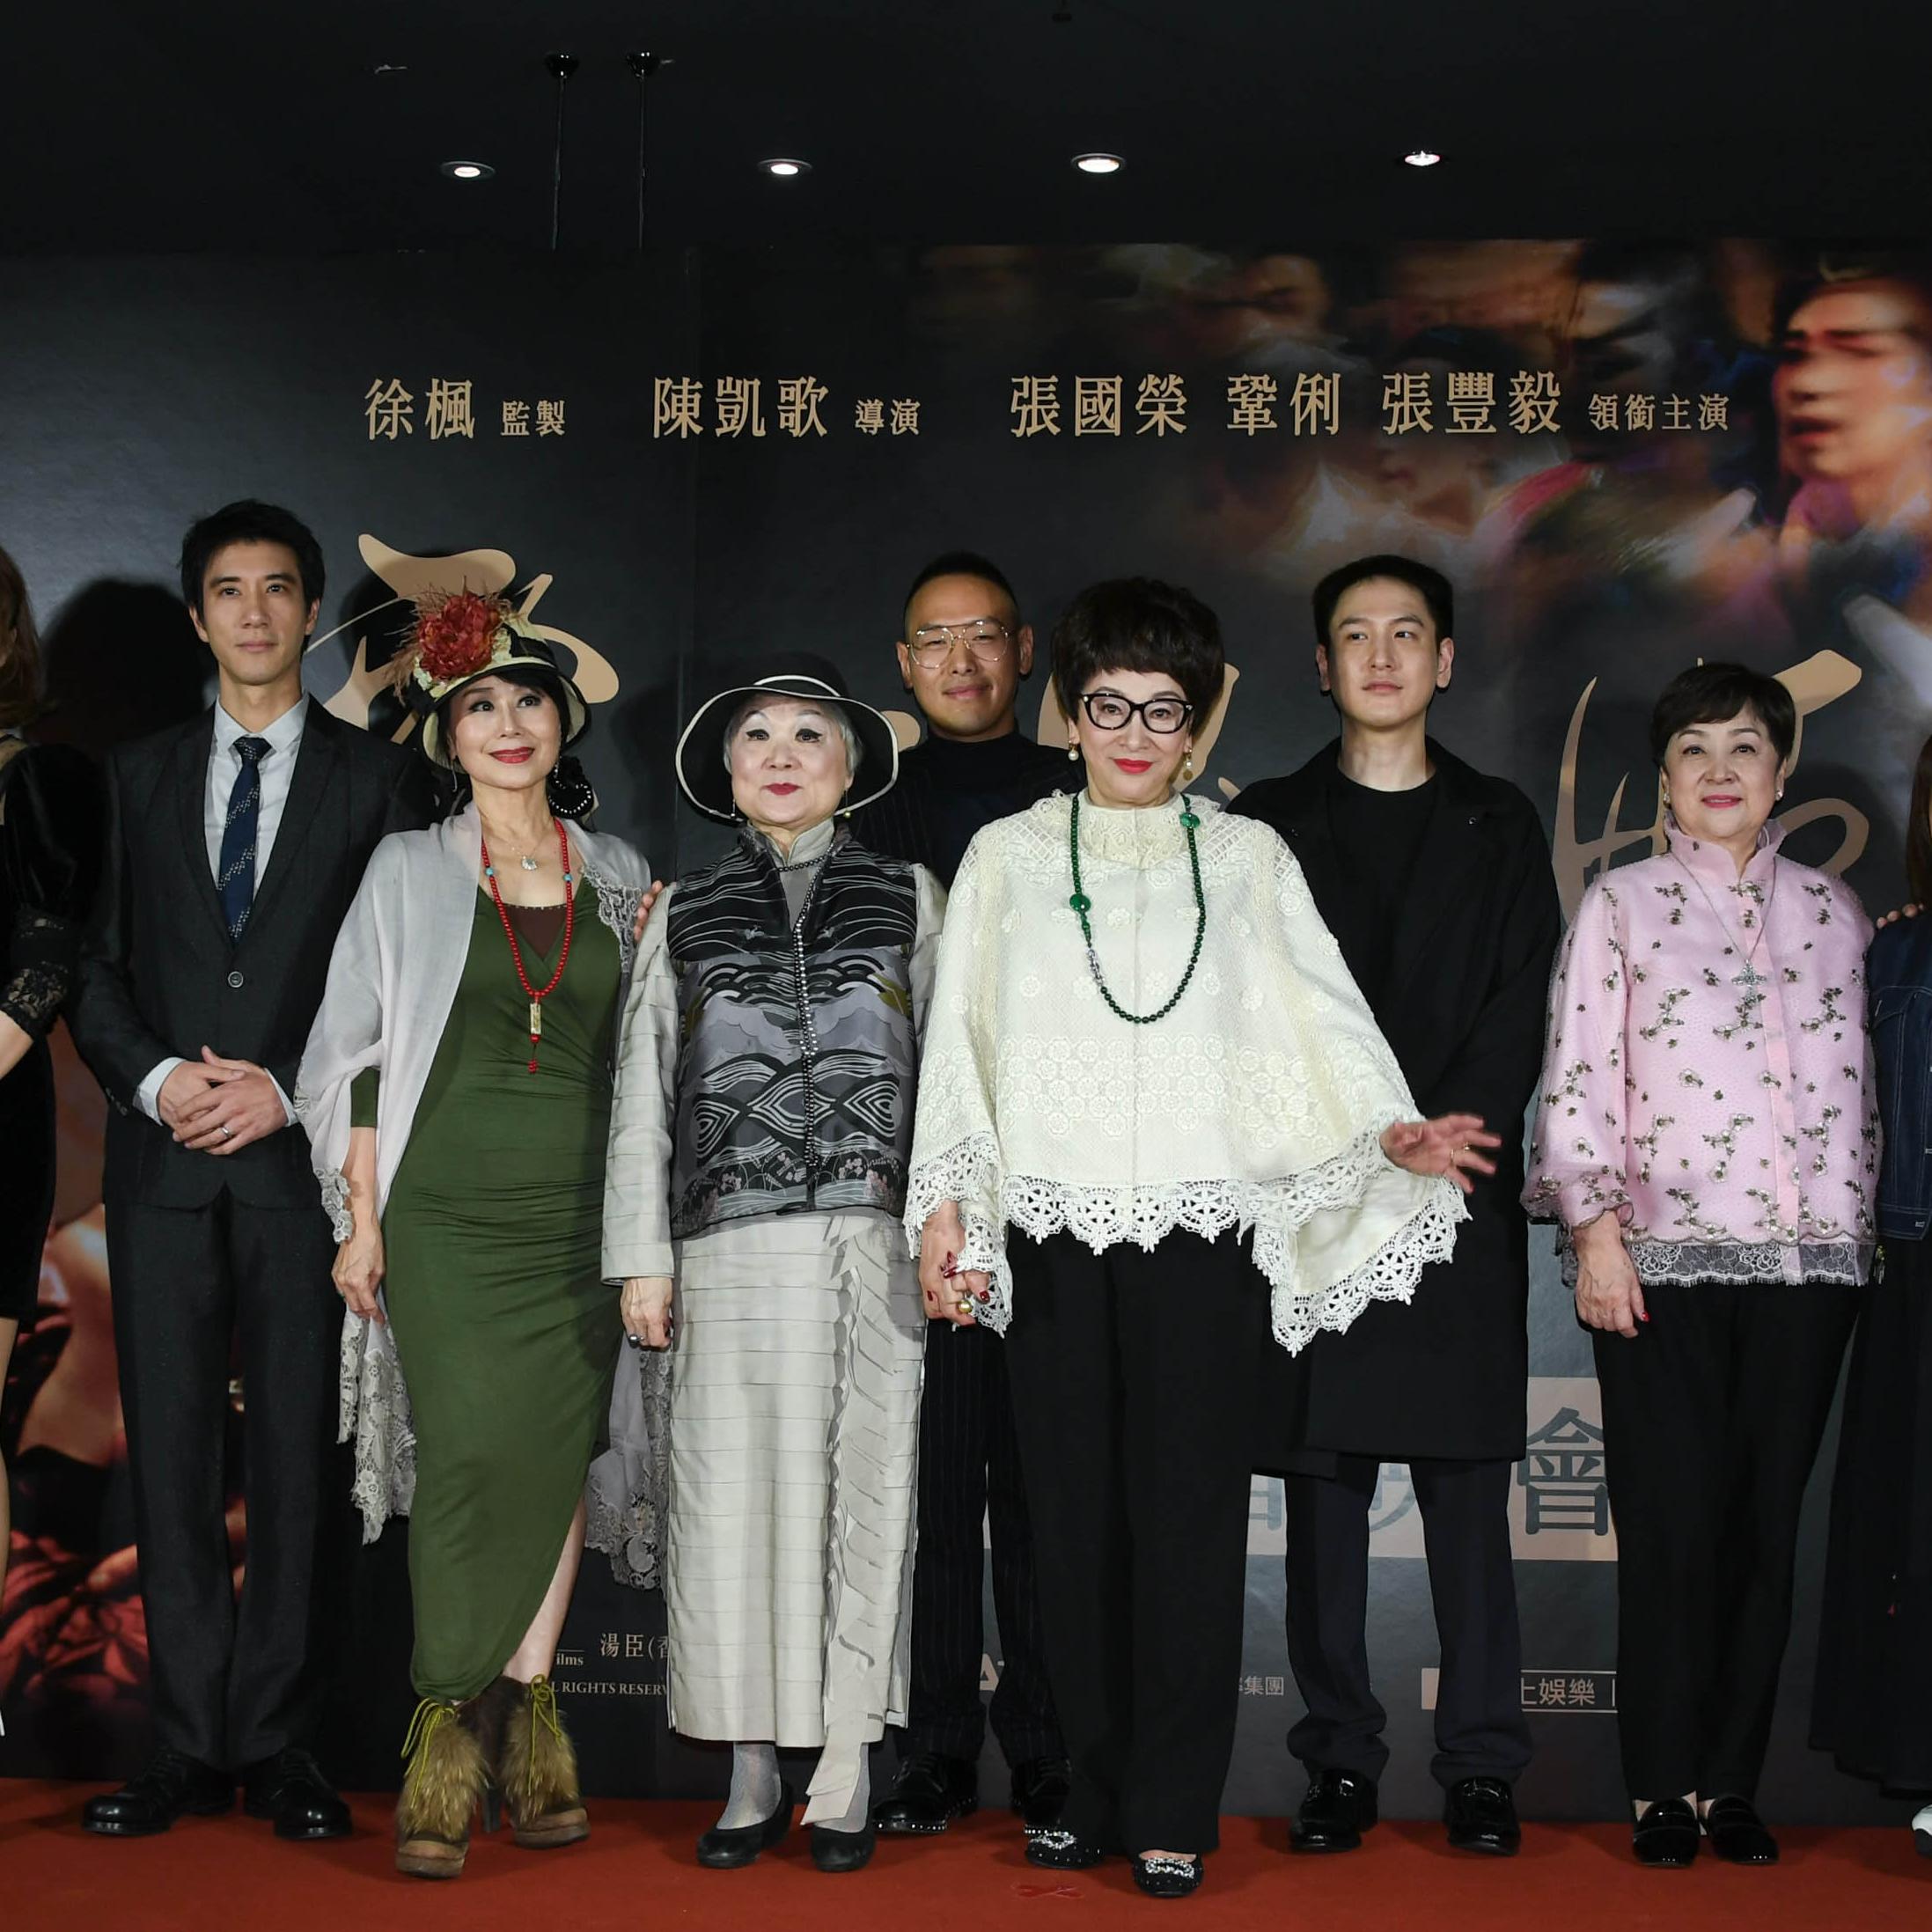 星光閃耀!《霸王別姬》25 周年榮耀再現首映會